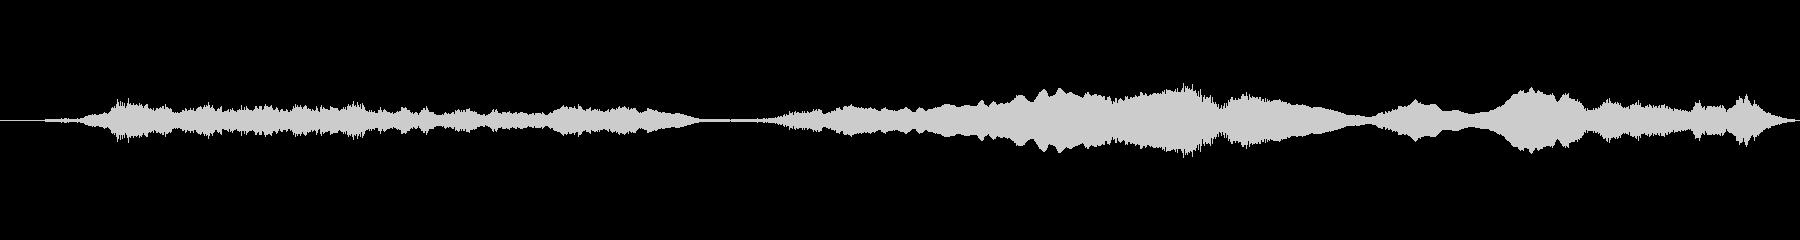 メタル 鳴き声03の未再生の波形